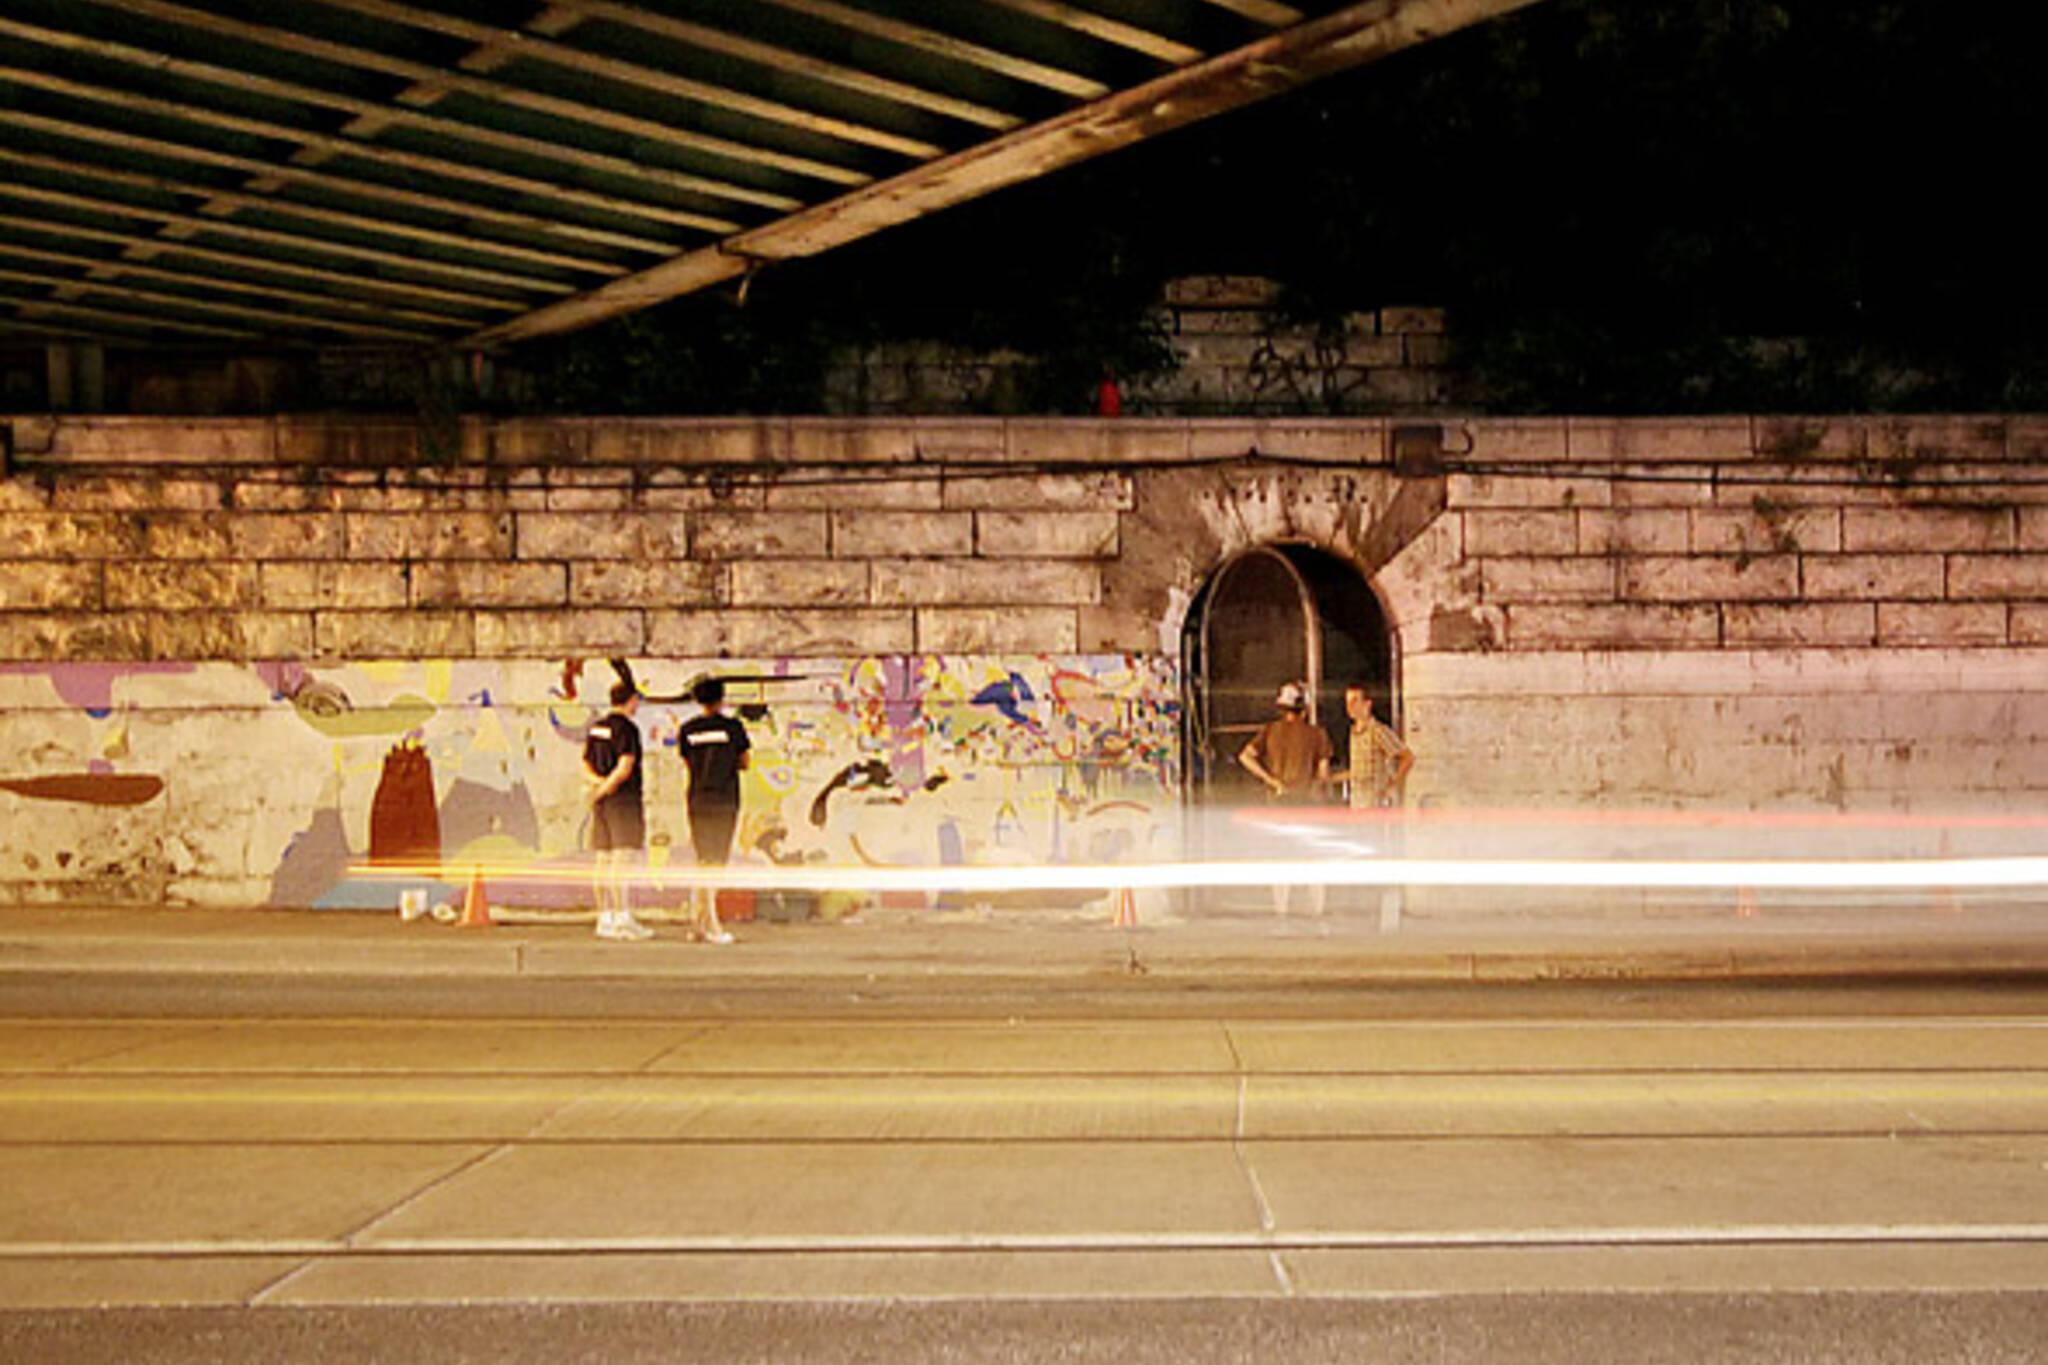 Capture the Hog - Mural in progress at Queen West & Dufferin